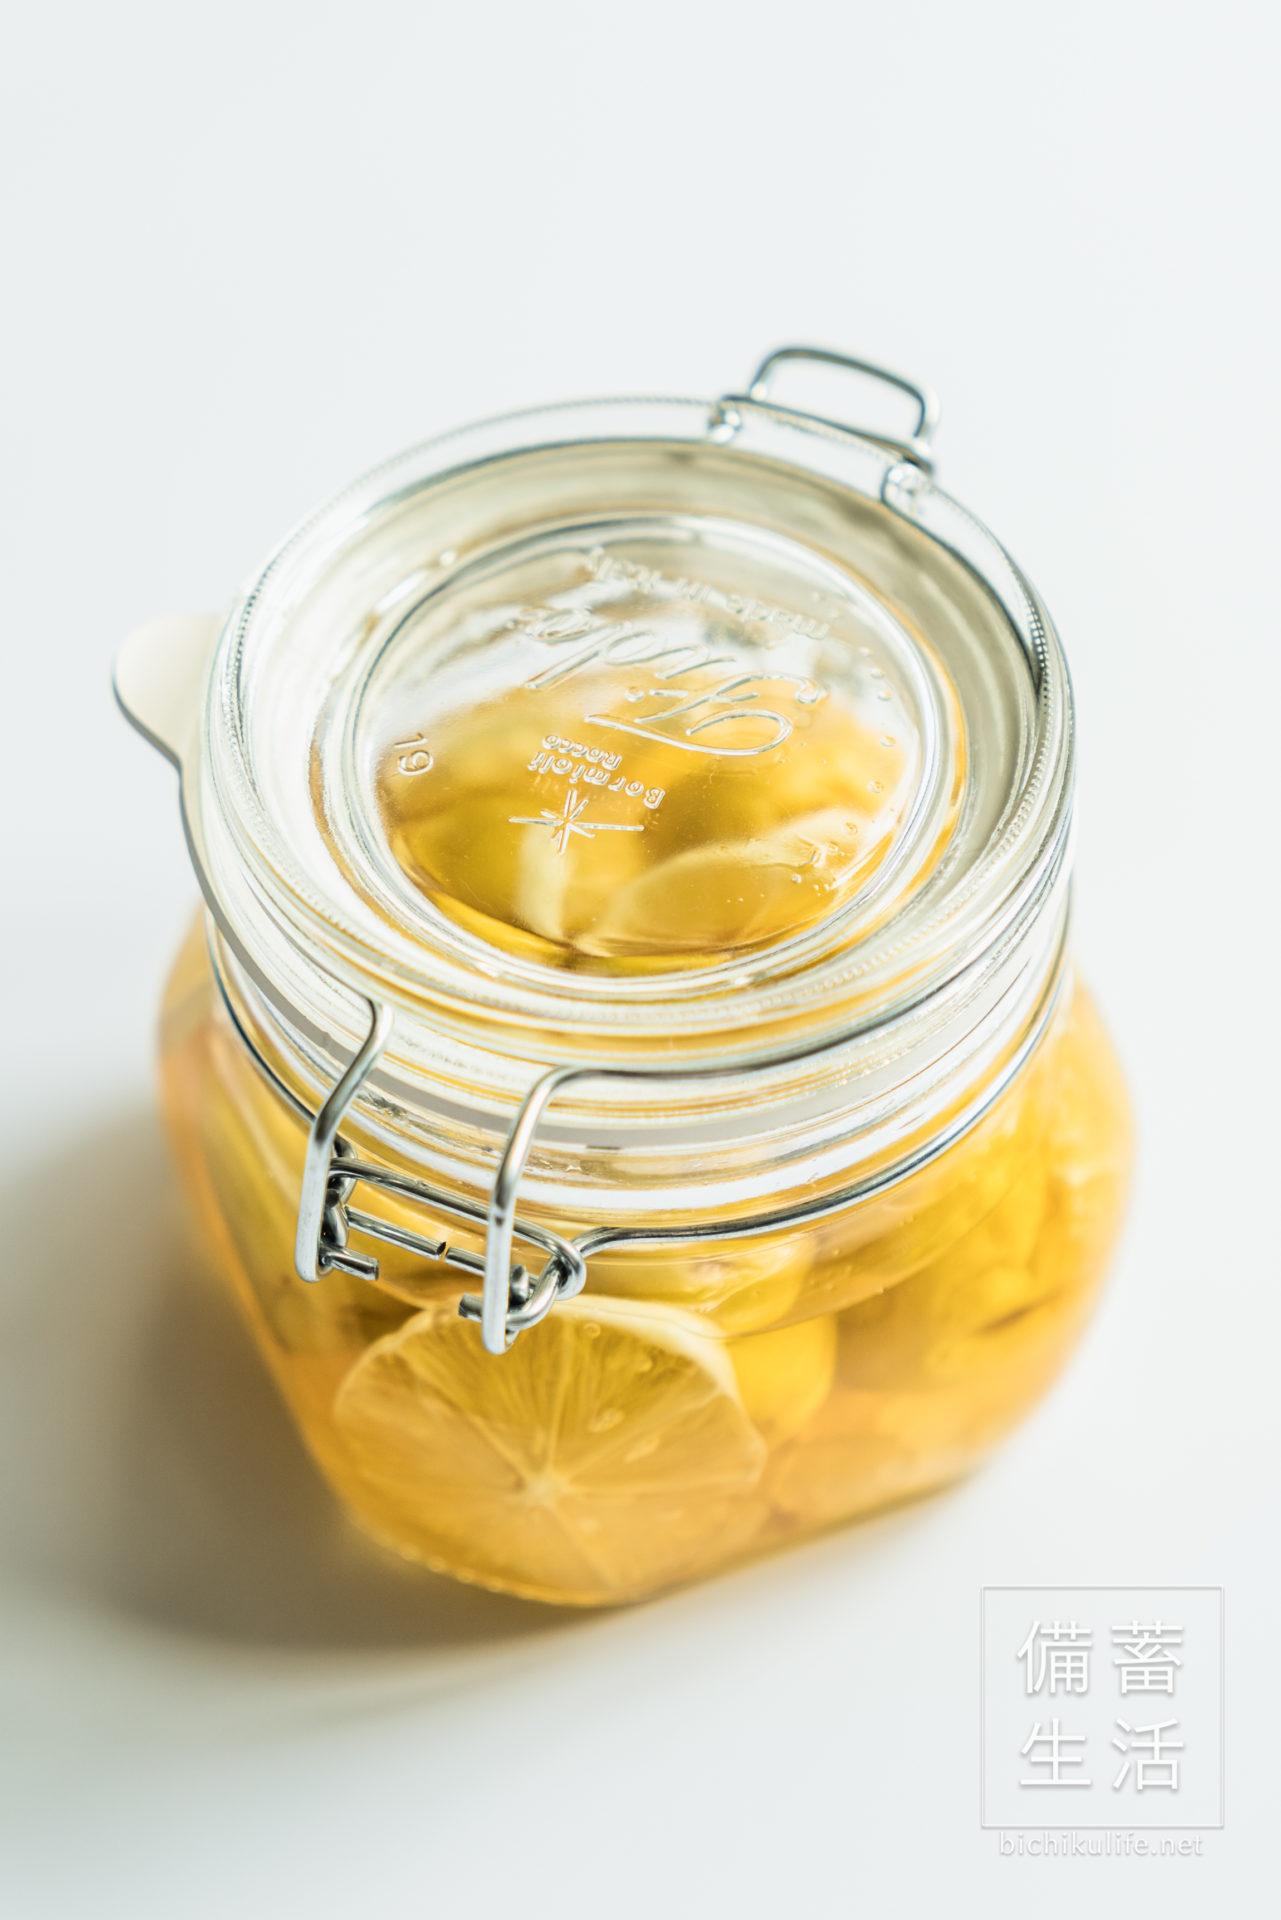 梅シロップ はちみつレモン、漬け込んで1週間後の様子